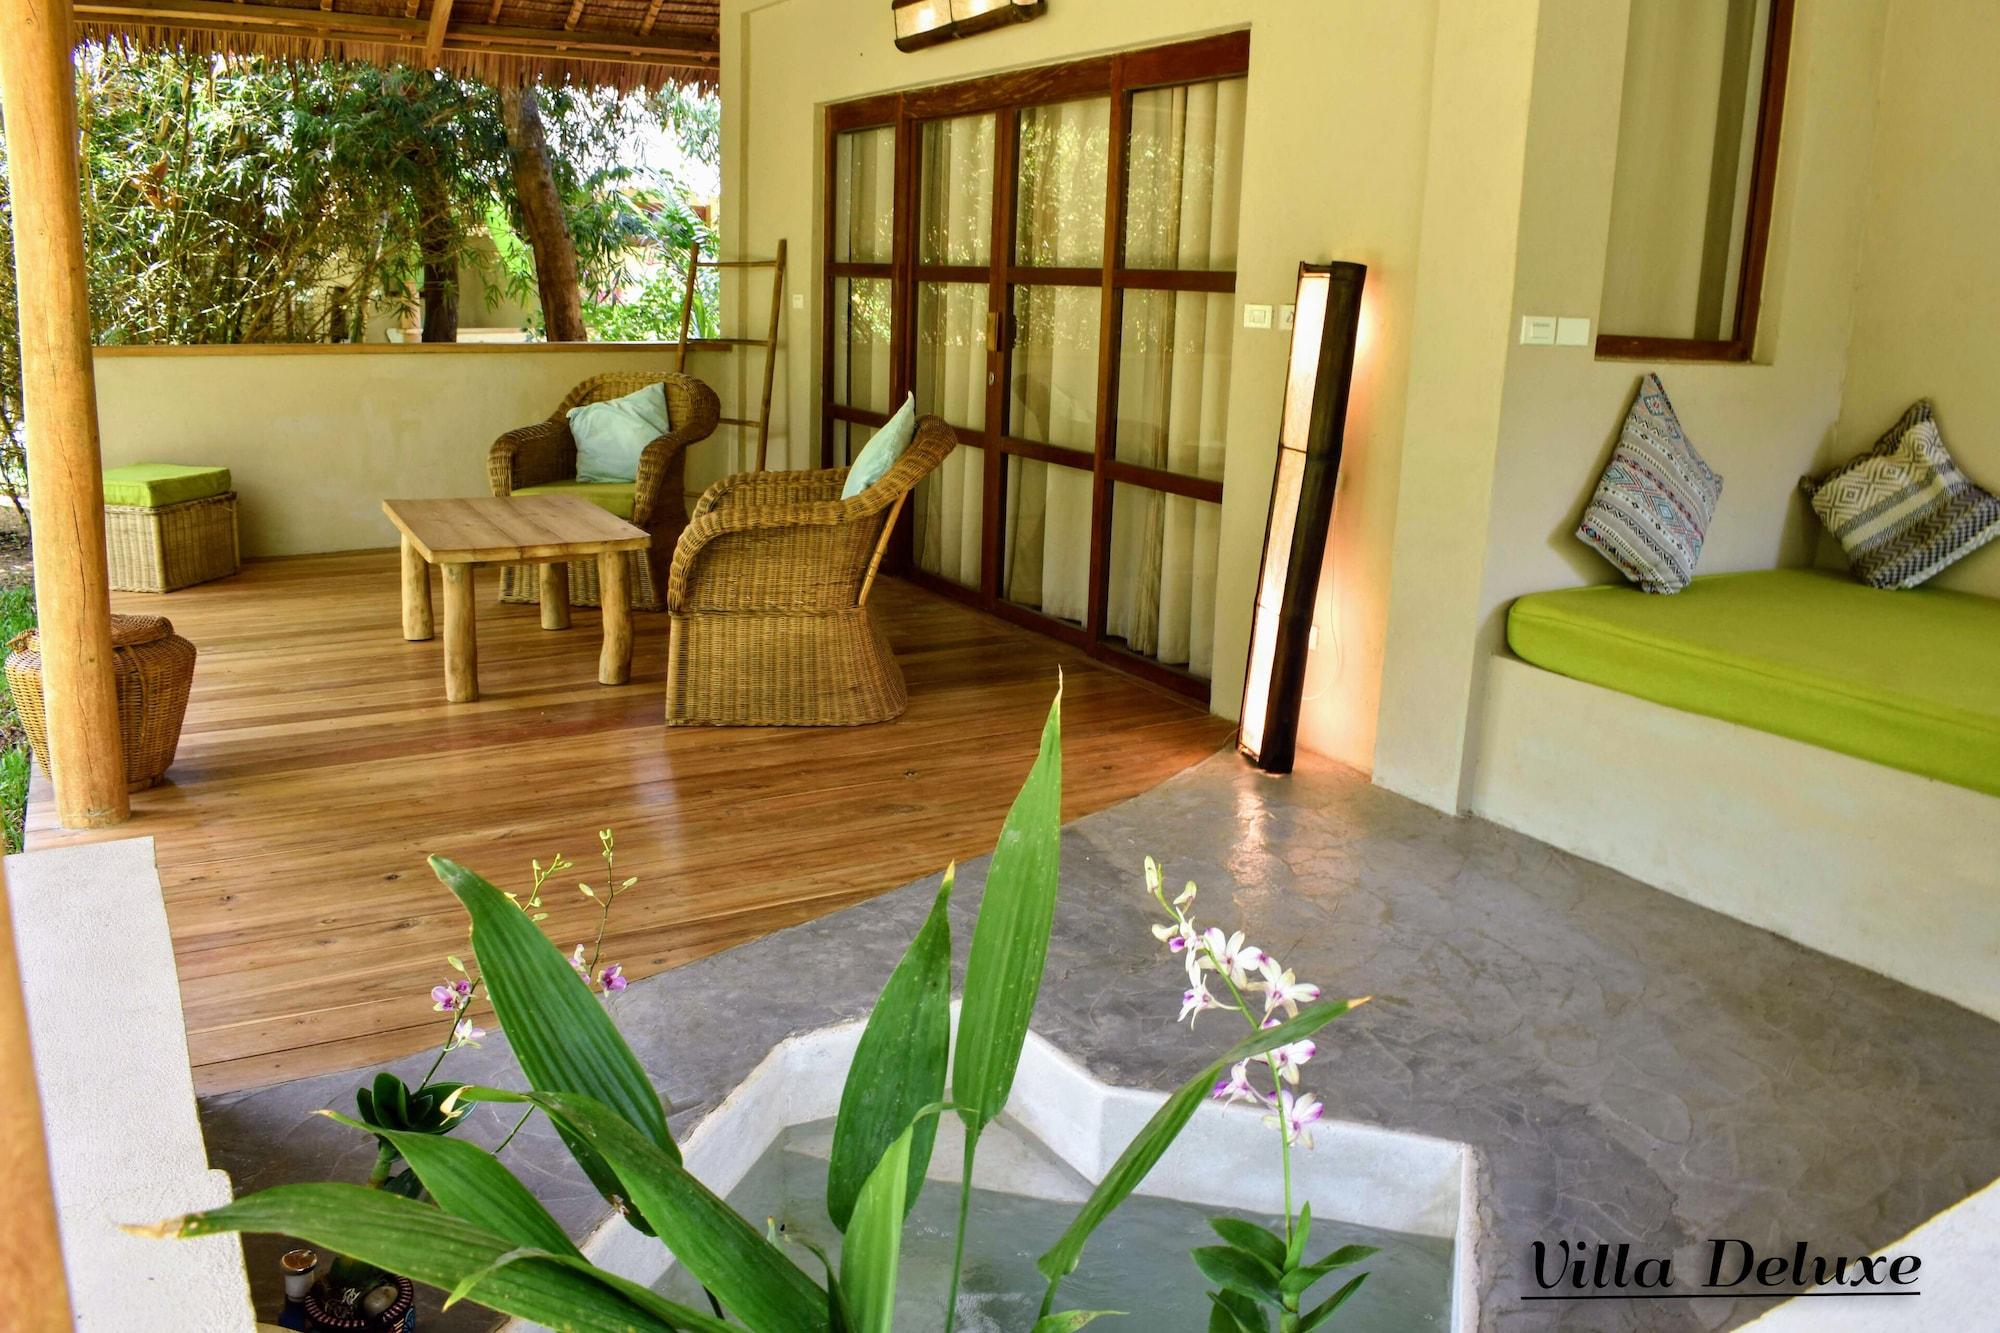 El Nido Coco Resort, El Nido